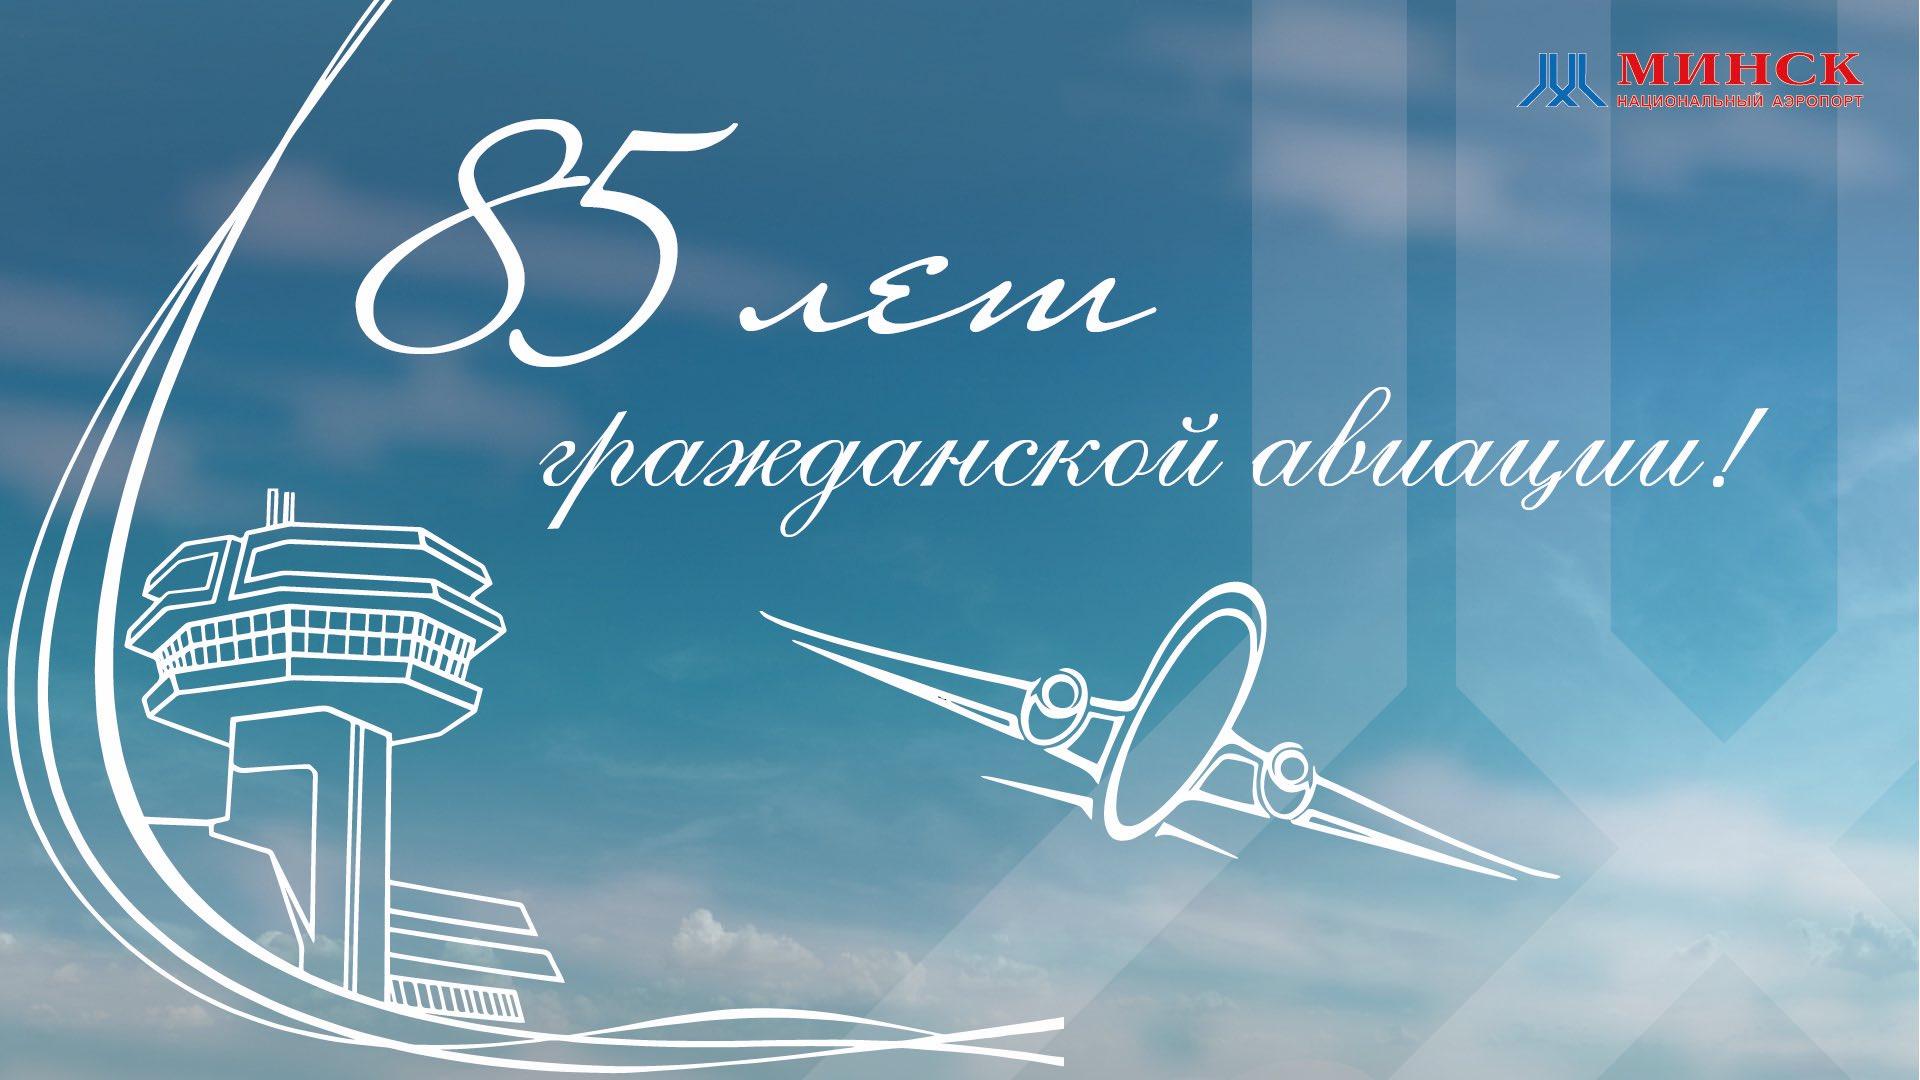 Открытки 1900-1917, авиации беларуси 85 открытки поздравления